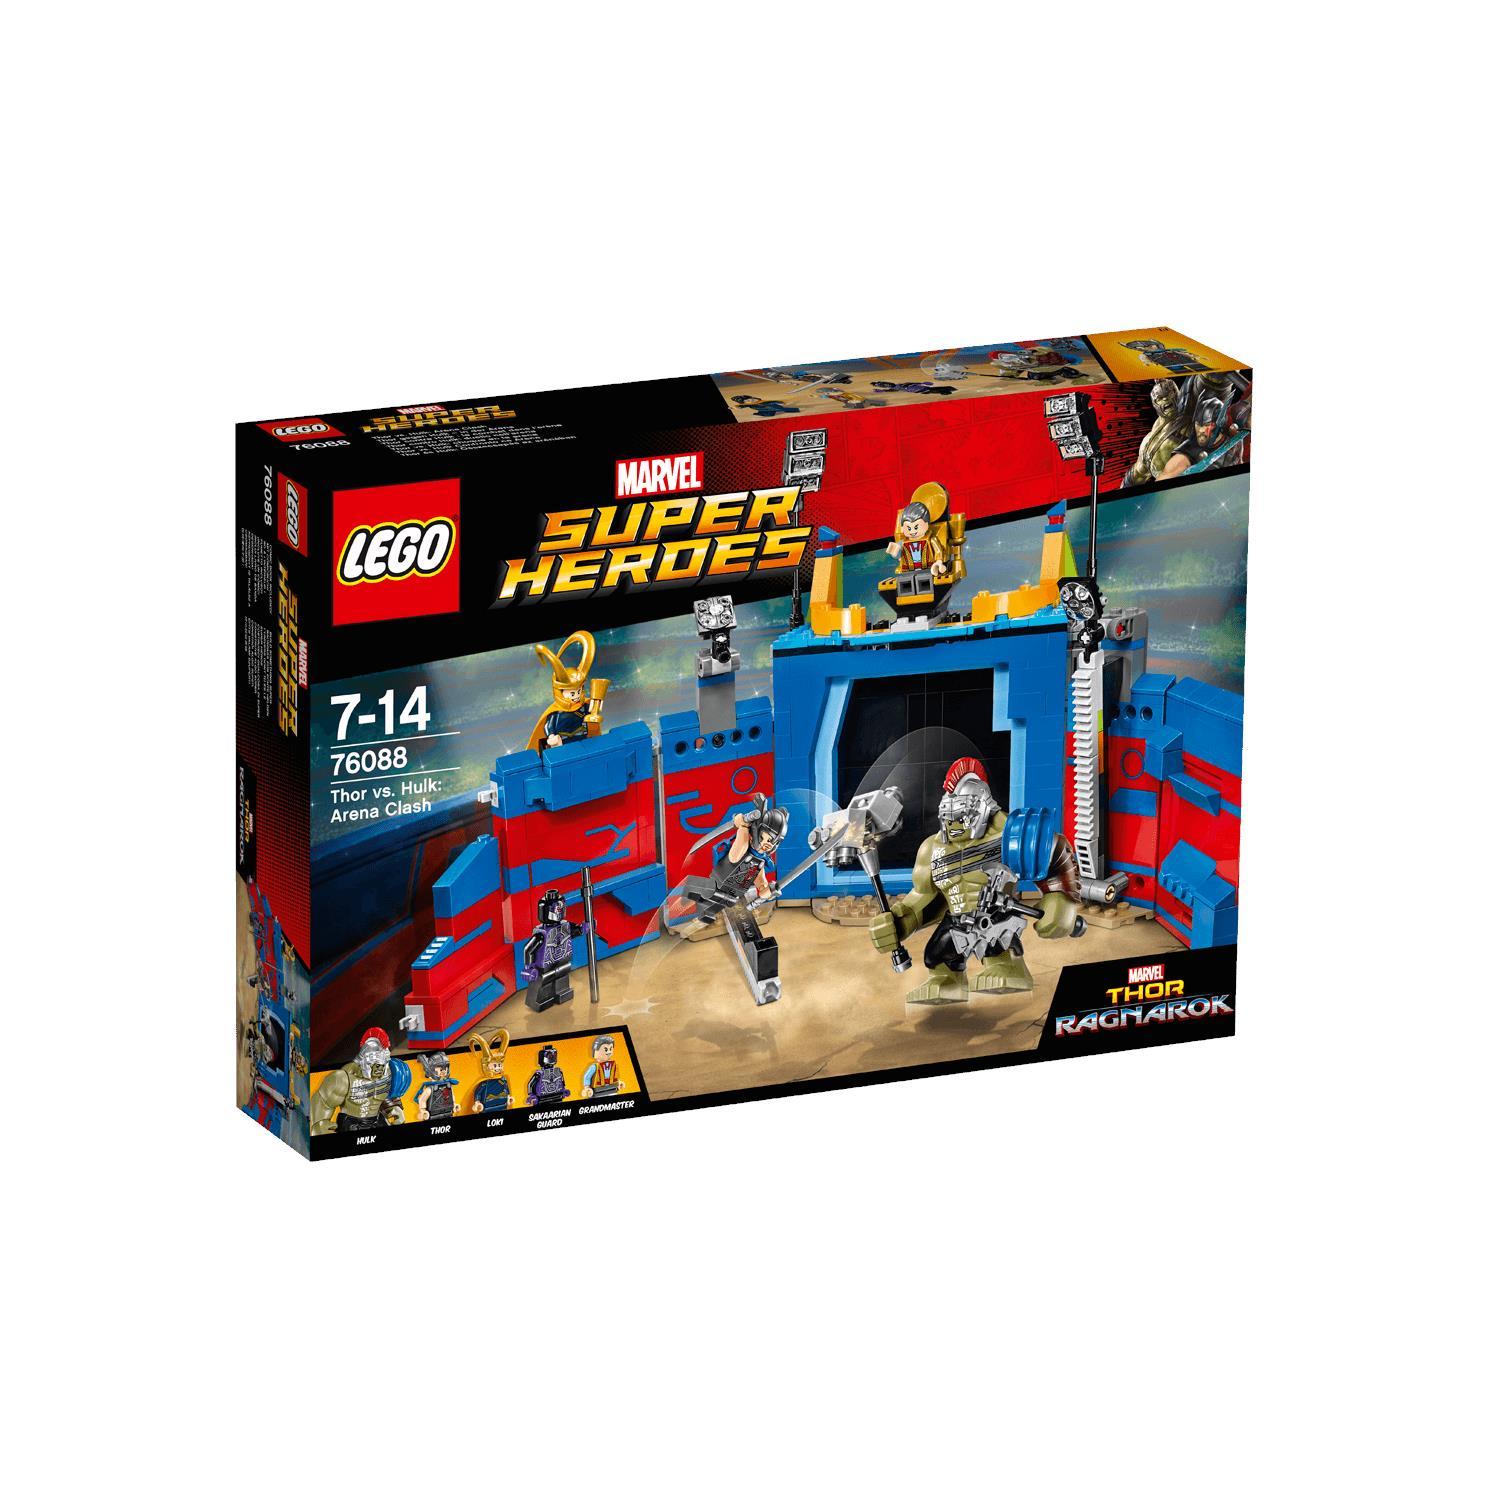 Lego Supper Heroes 76088 - Thor Đối Đấu Hulk: Đấu Trường Quyết Định